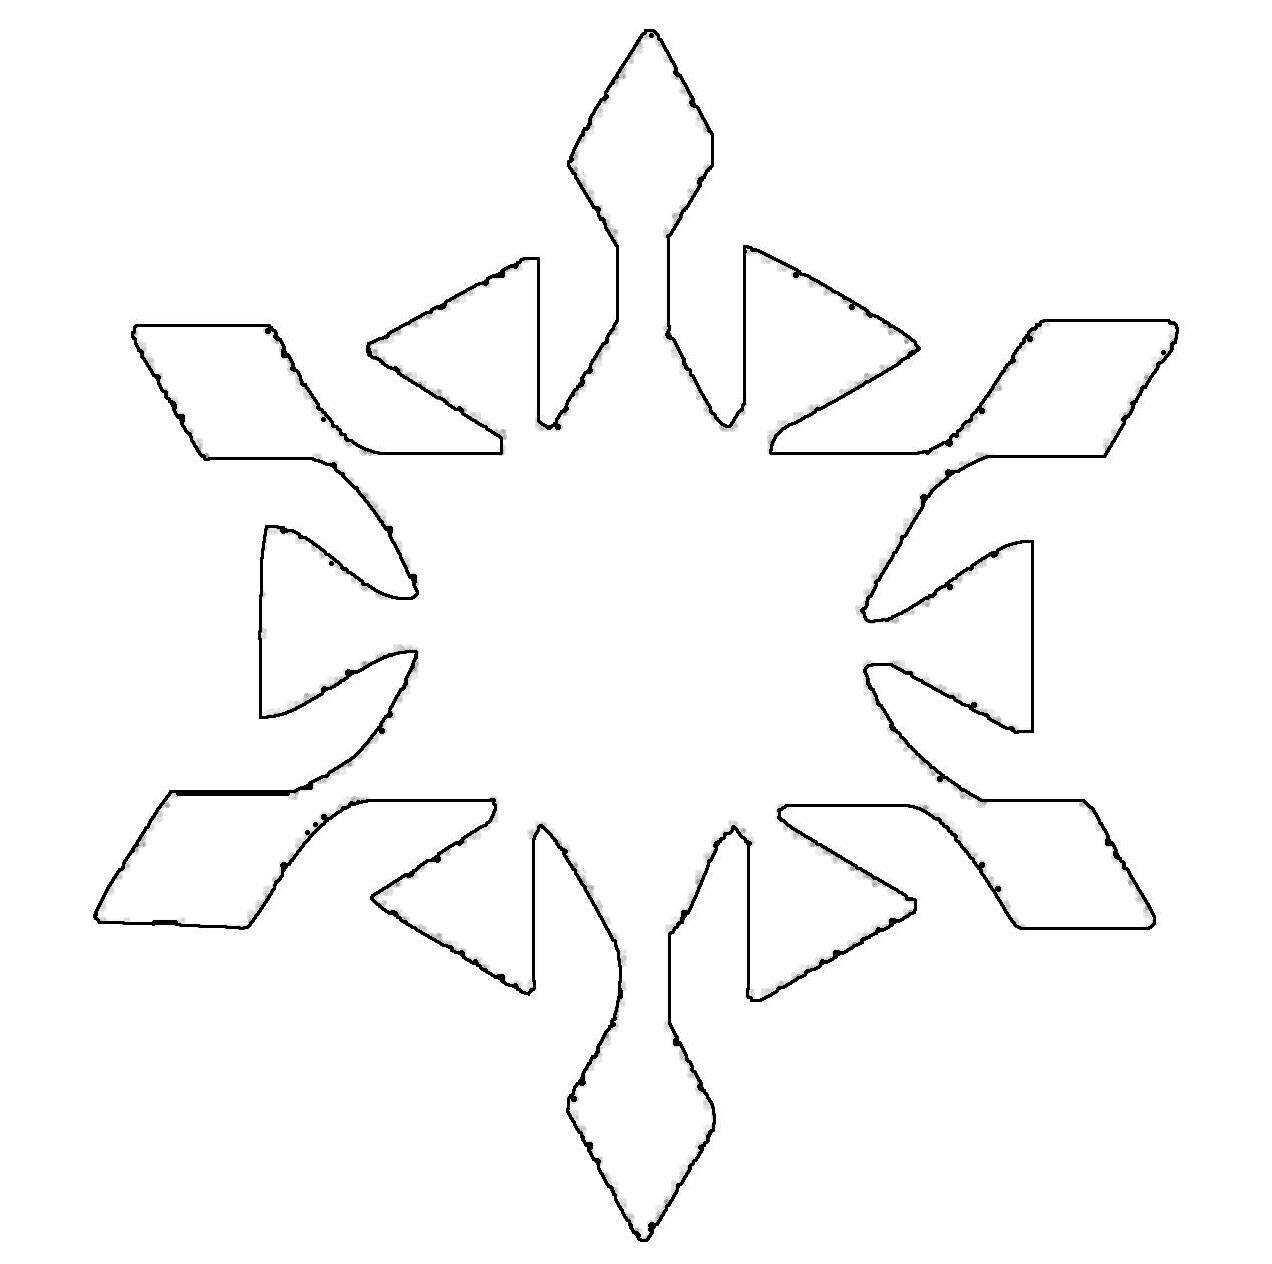 Schneeflocken Malvorlagen  Kostenlose Malvorlage Schneeflocken und Sterne